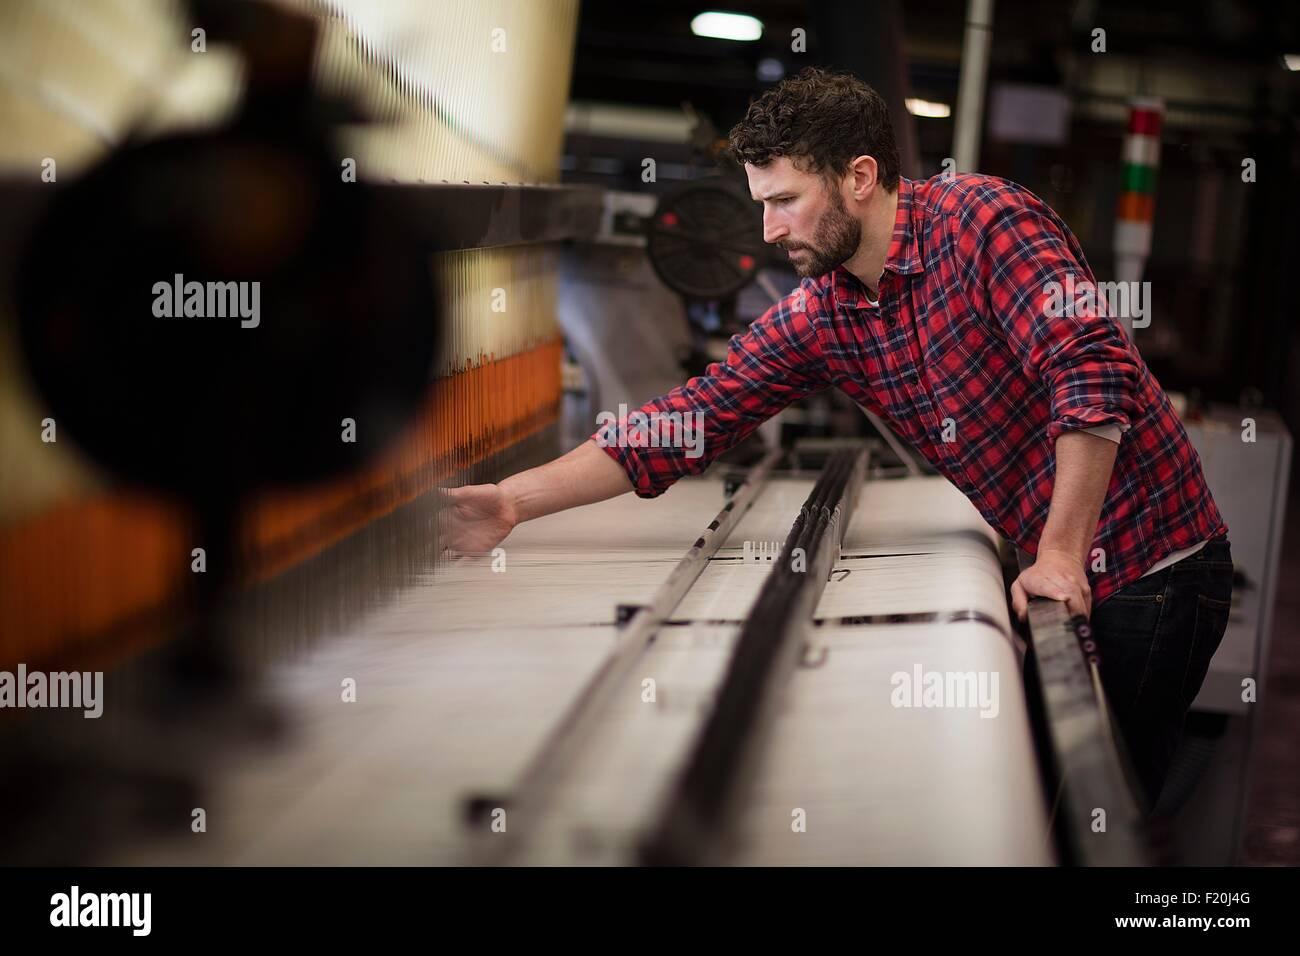 Junge männliche Weberin mit alten Webmaschine in Textilfabrik Stockbild